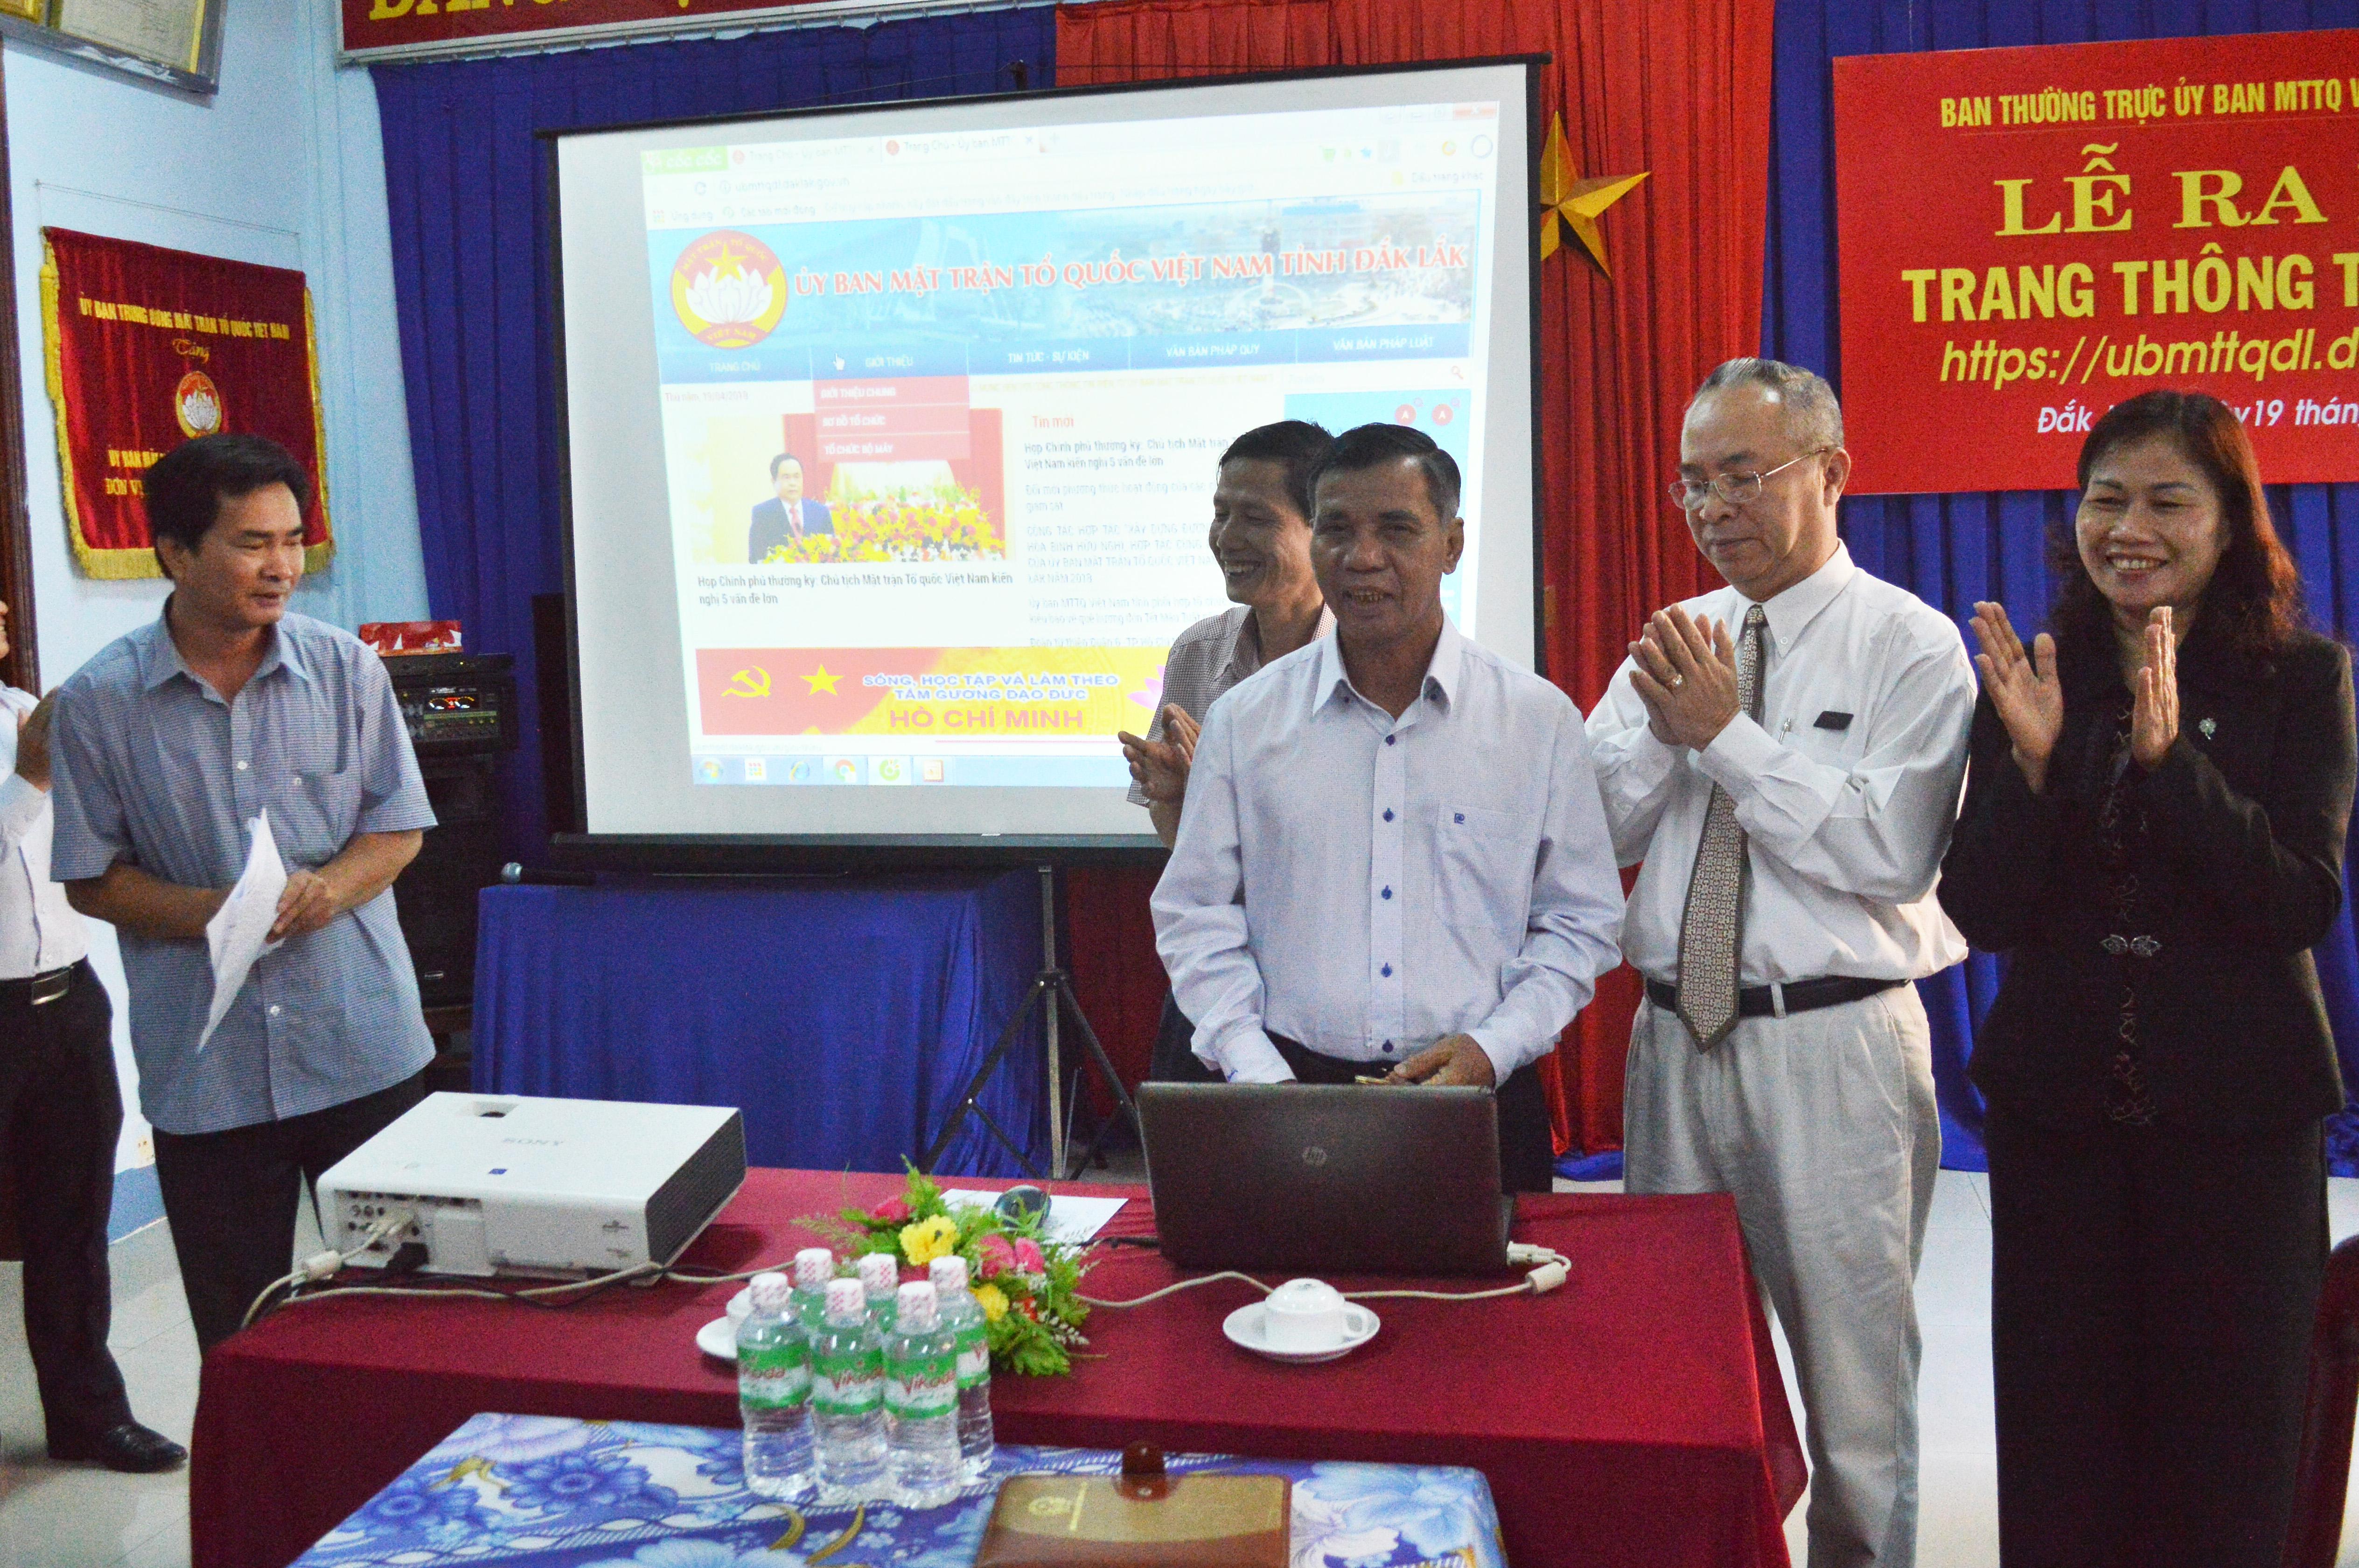 Ra mắt Trang thông tin điện tử UBMTTQ Việt Nam tỉnh Đắk Lắk